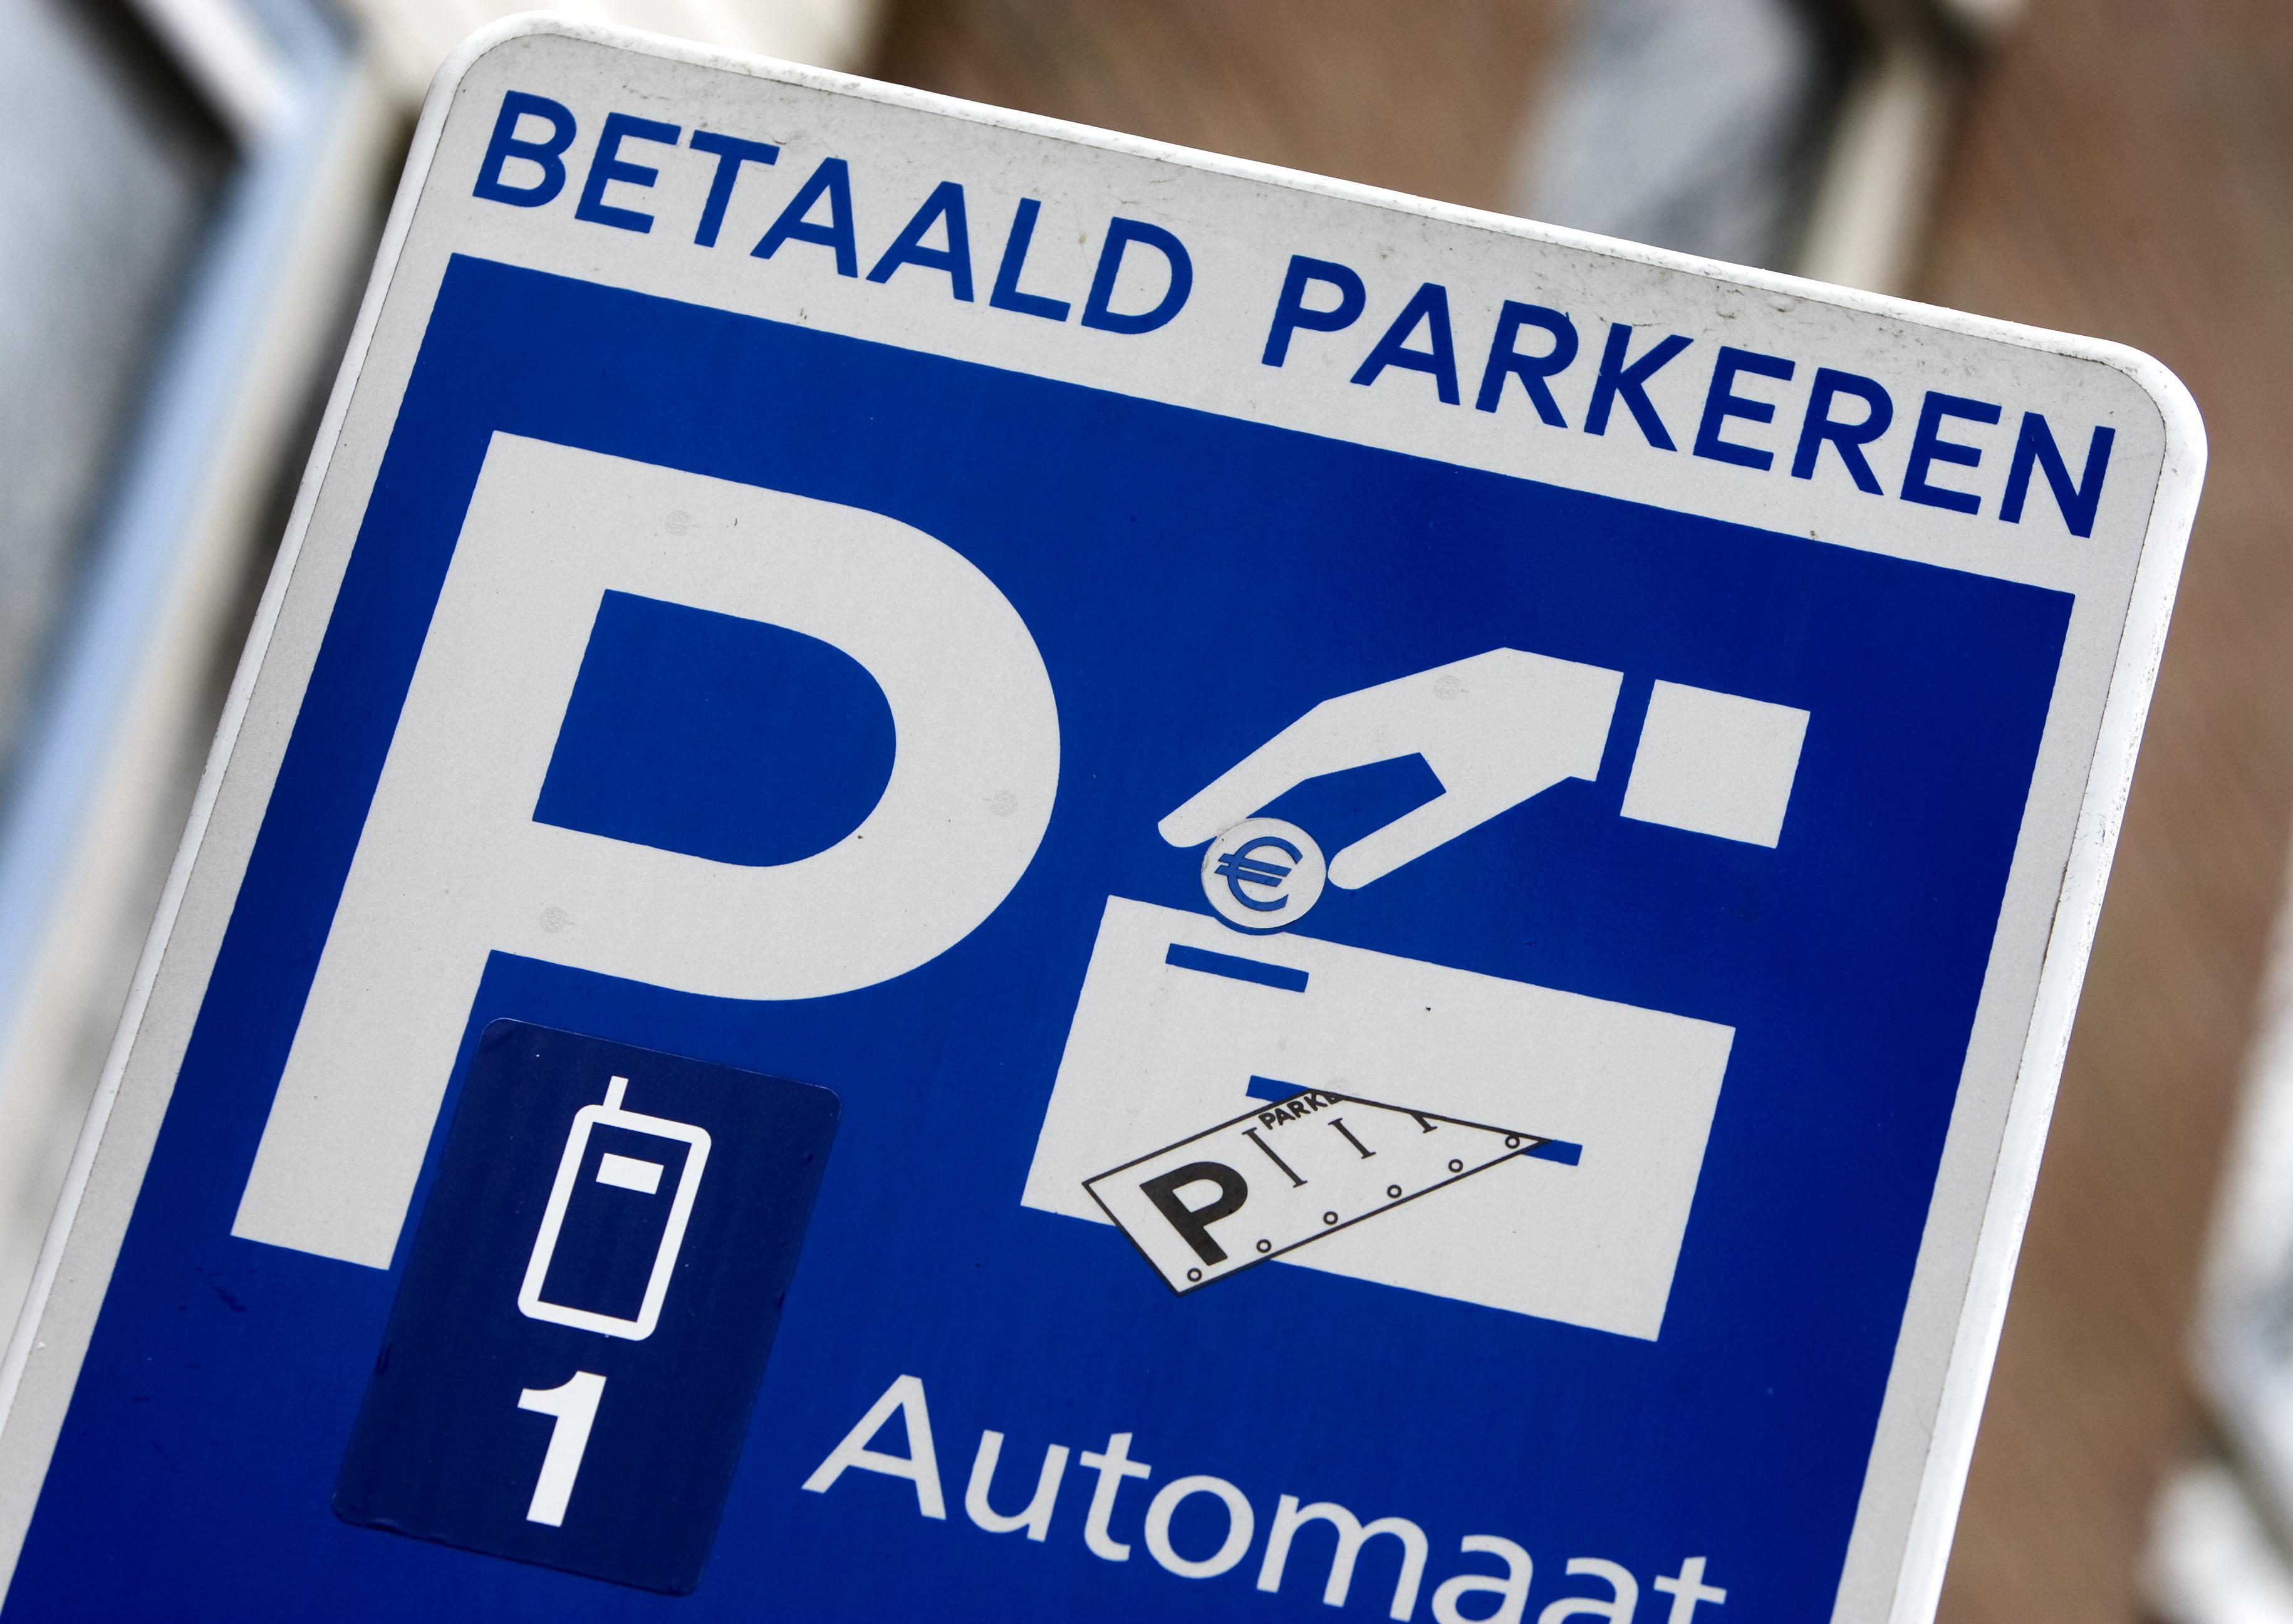 Wijziging parkeernormen gaat door, ondanks grote zorgen van centrumbewoners in Alphen aan den Rijn